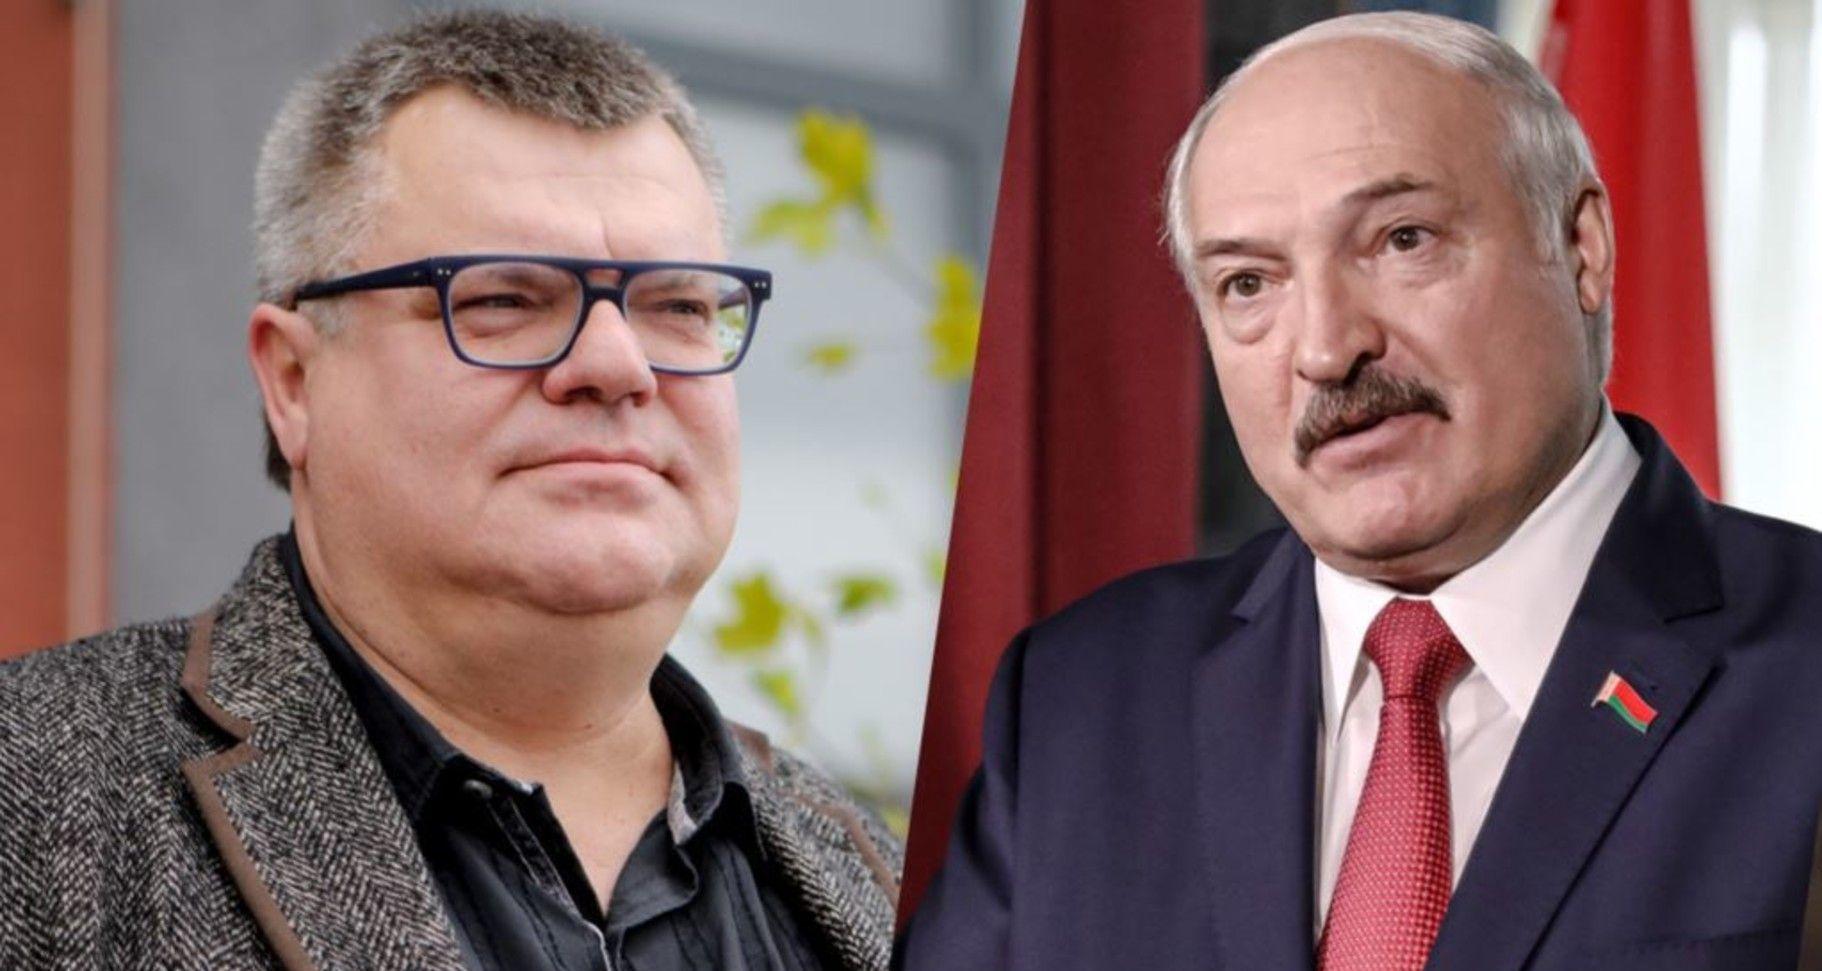 Лукашенко рискует допустить конкурента на выборы из страха перед США